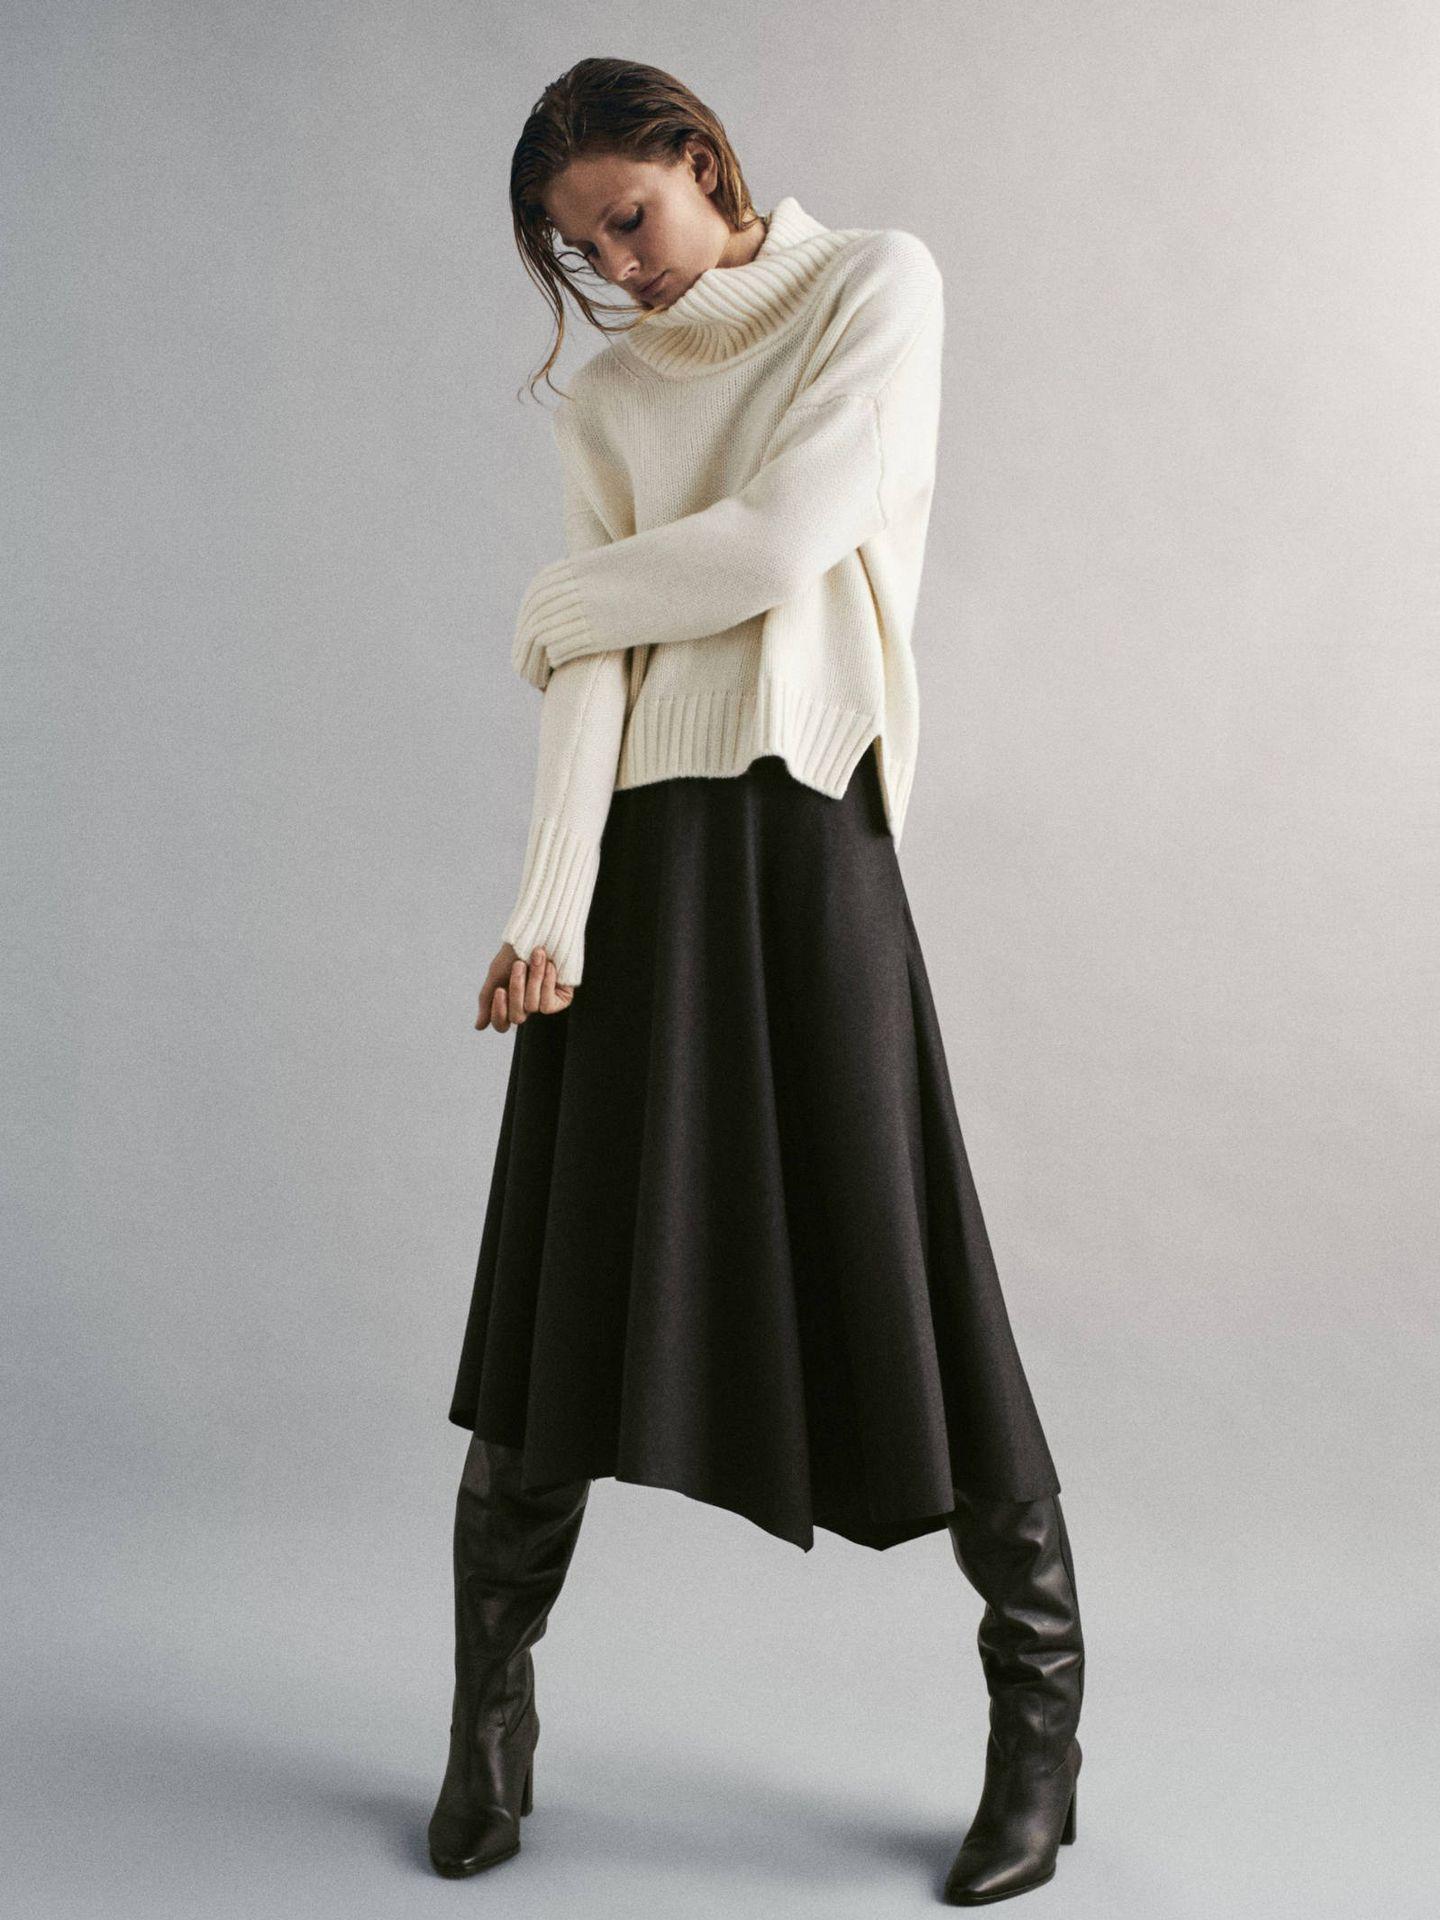 Encontramos el jersey perfecto para esta falda de Massimo Dutti. (Cortesía)